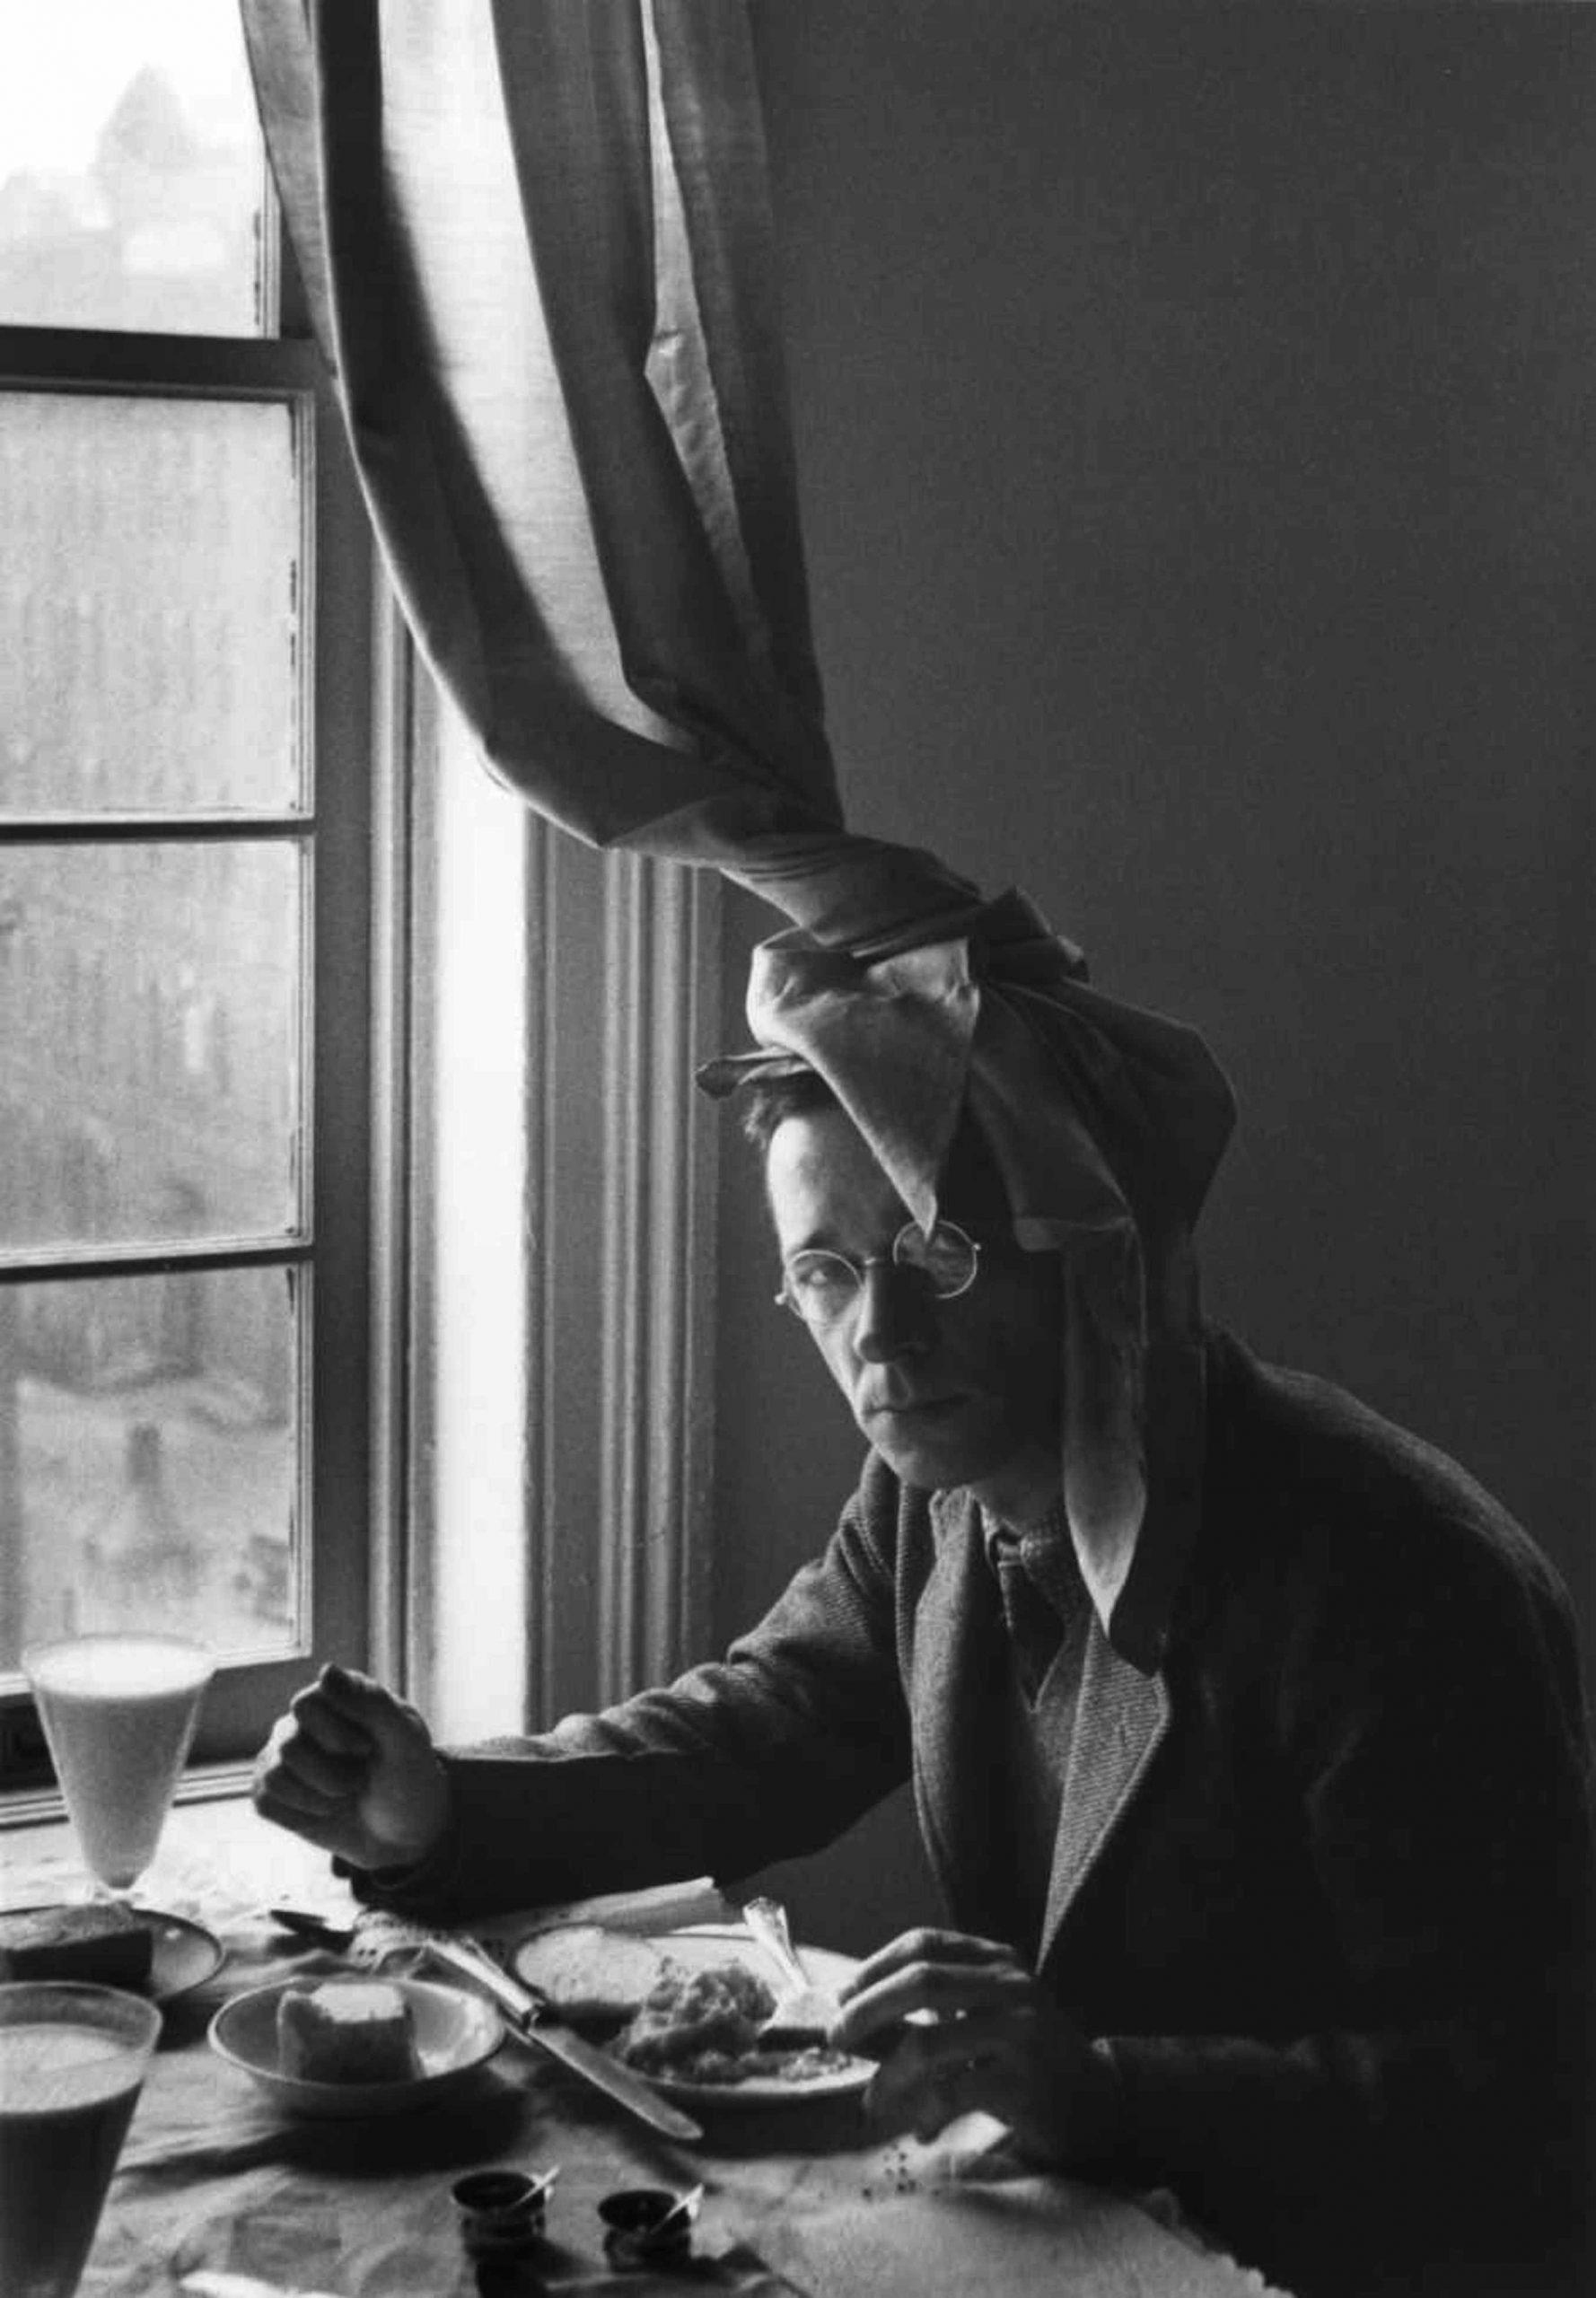 Helen Levitt, Walker Evans, New York, 1939